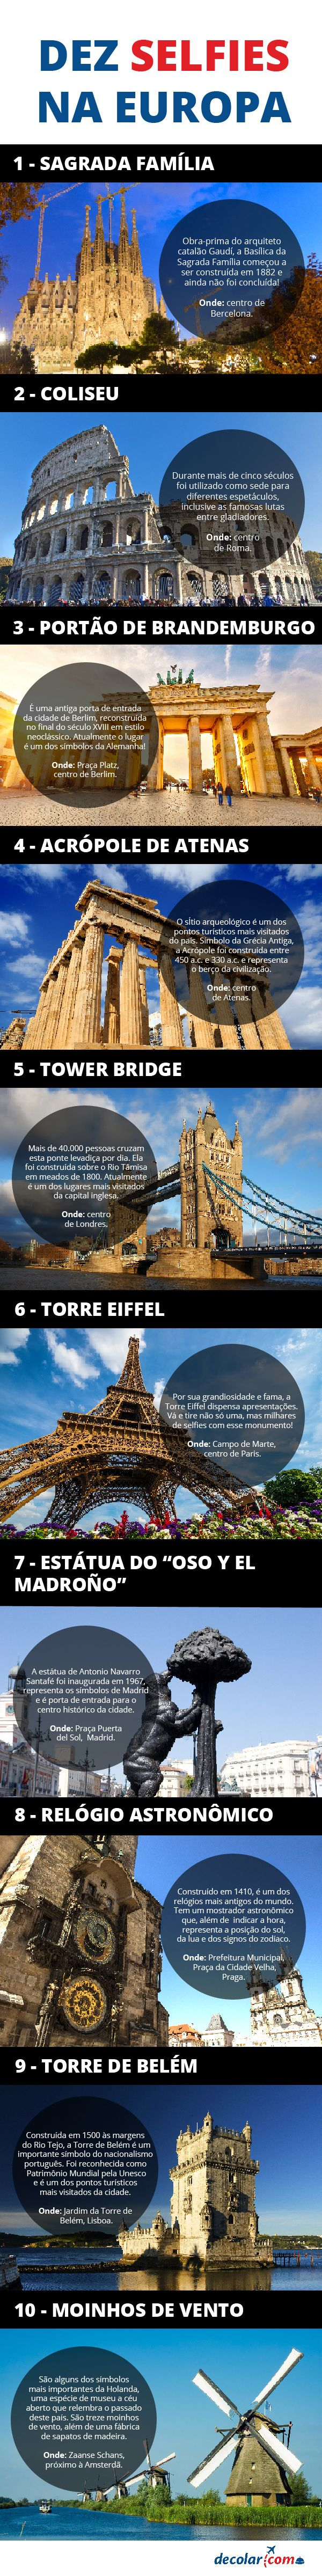 A nova moda entre os viajantes são os #selfies para publicar nas redes sociais e fazer inveja nos amigos. Pensando nisso, elegemos 10 monumentos na #Europa que merecem vários selfies. Confira: